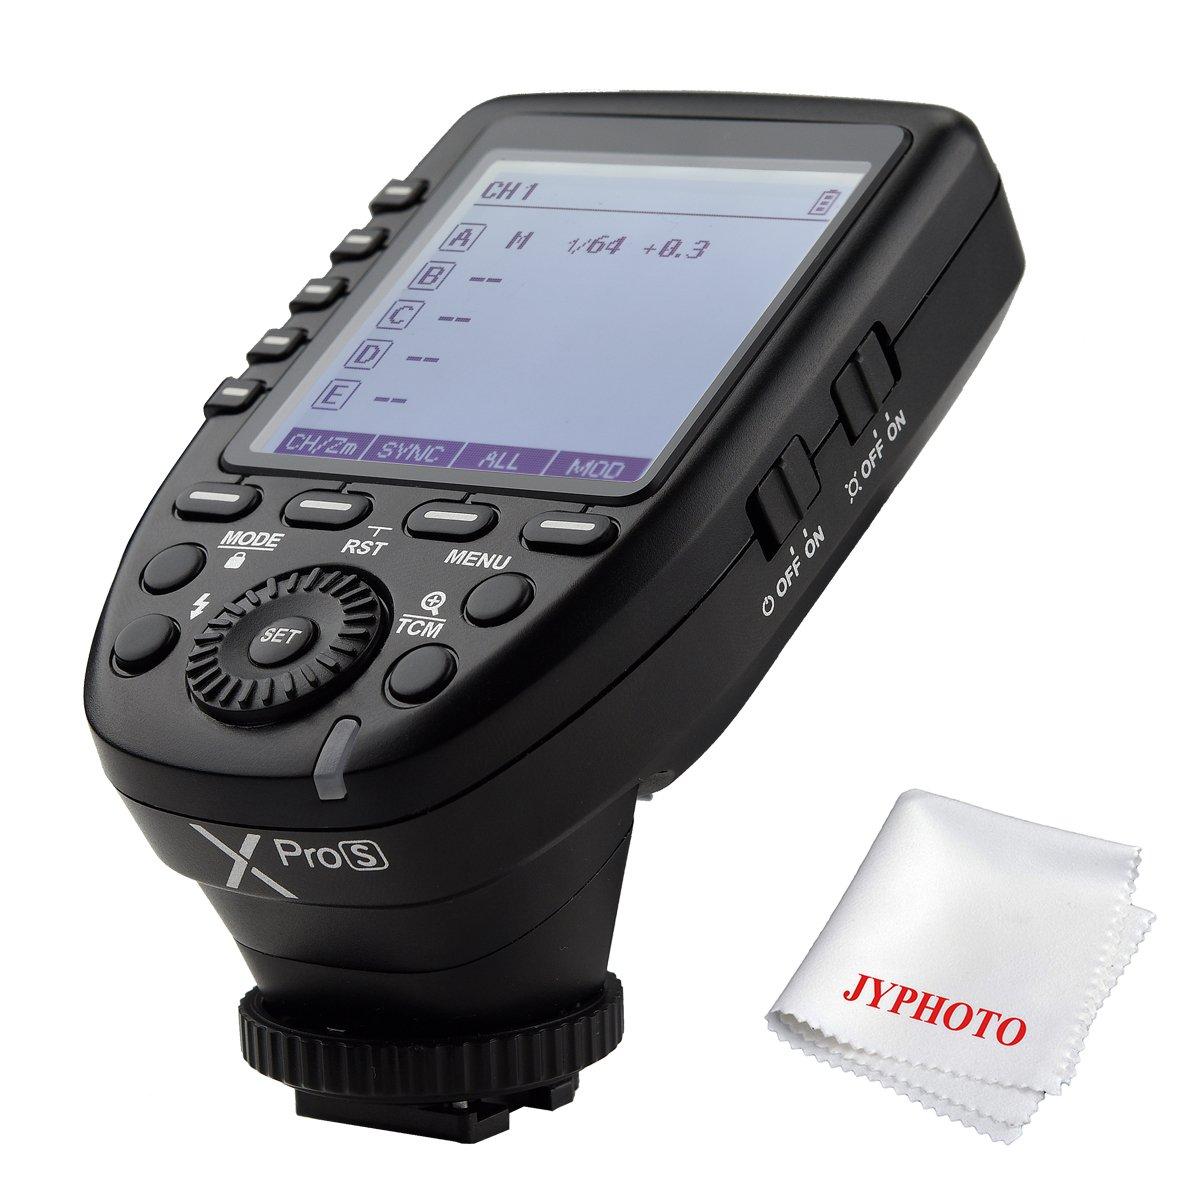 Godox xpro-s TTL disparador de flash inalámbrico para Sony cámara ...